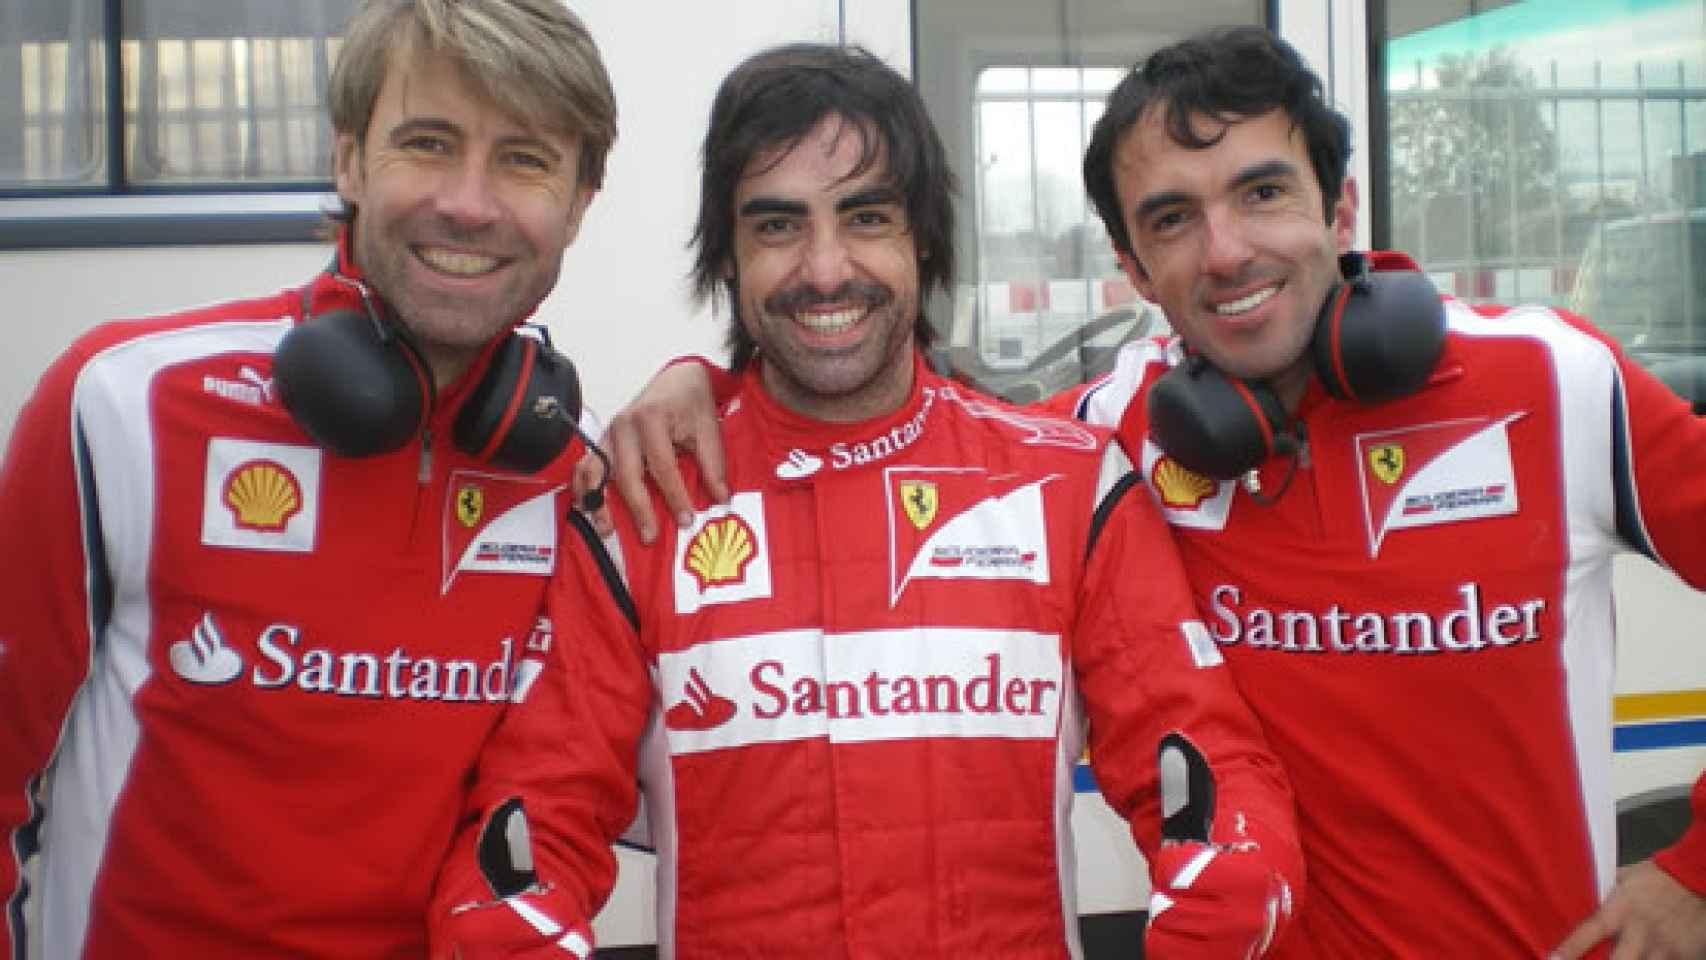 En el centro el doble de Fernando Alonso